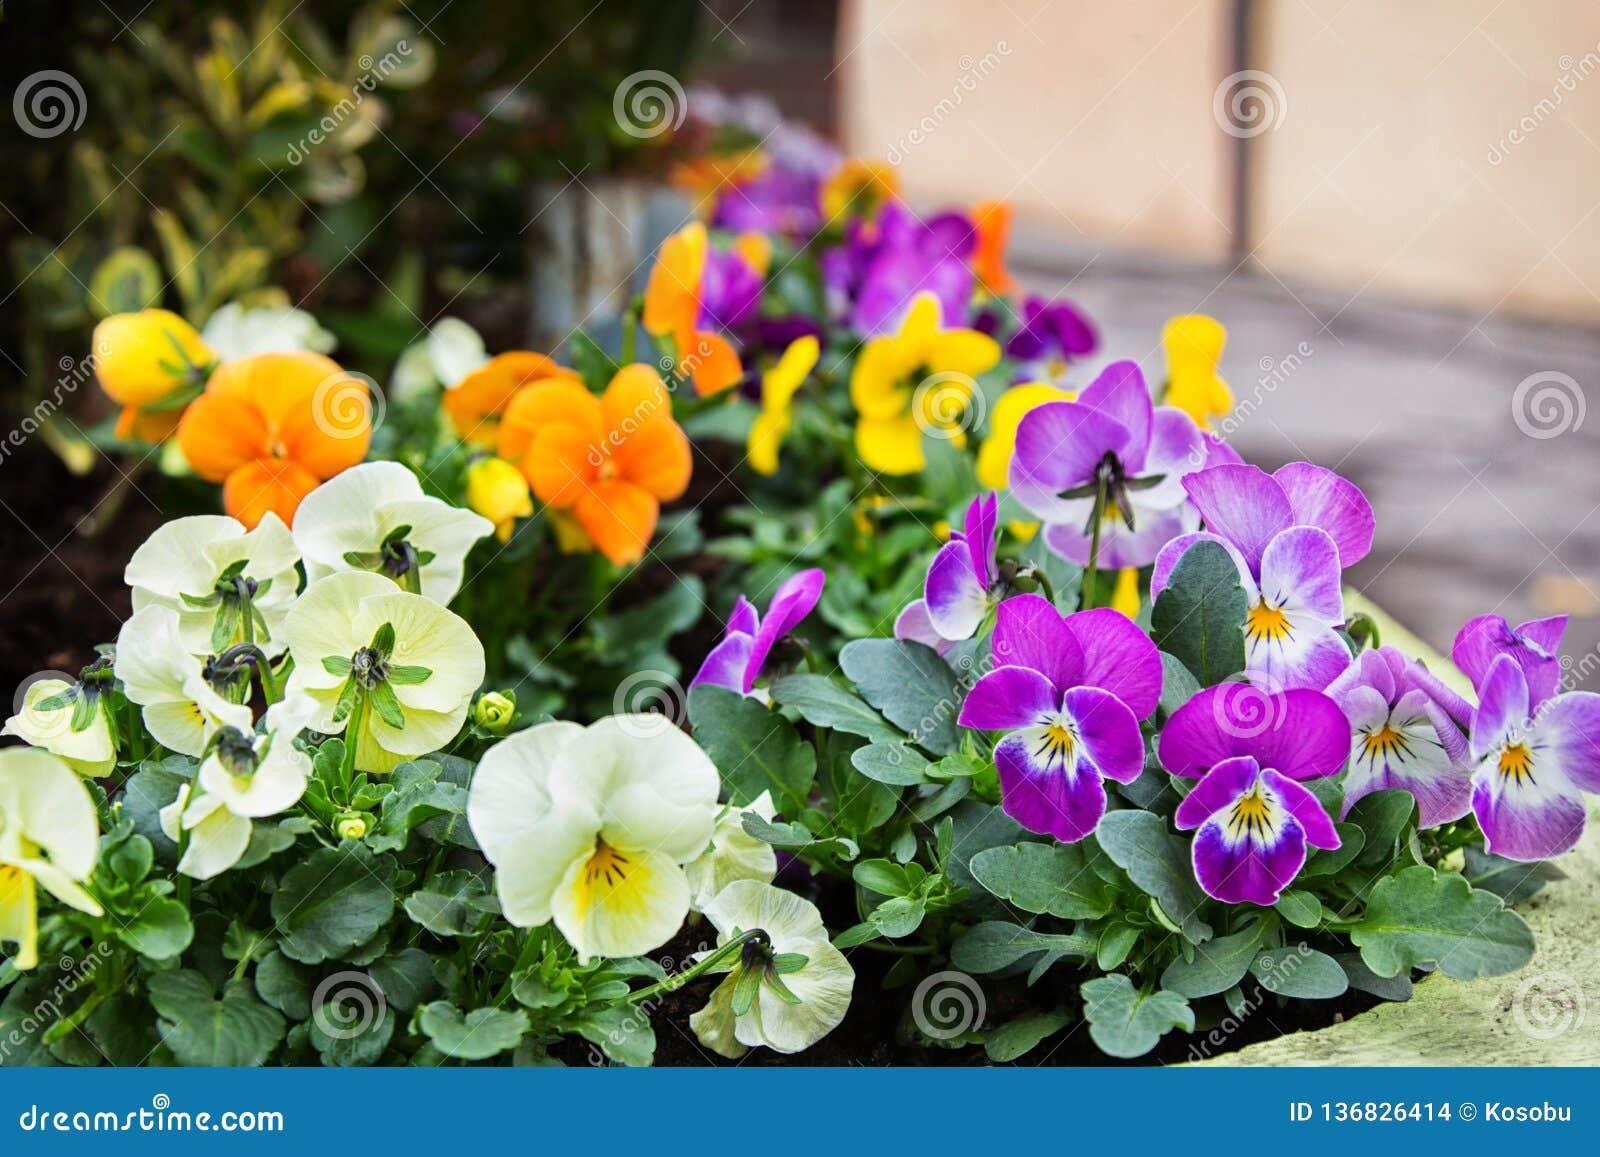 Heldere het hart-gemak van altviooltricolor bloemen voor het tuinieren